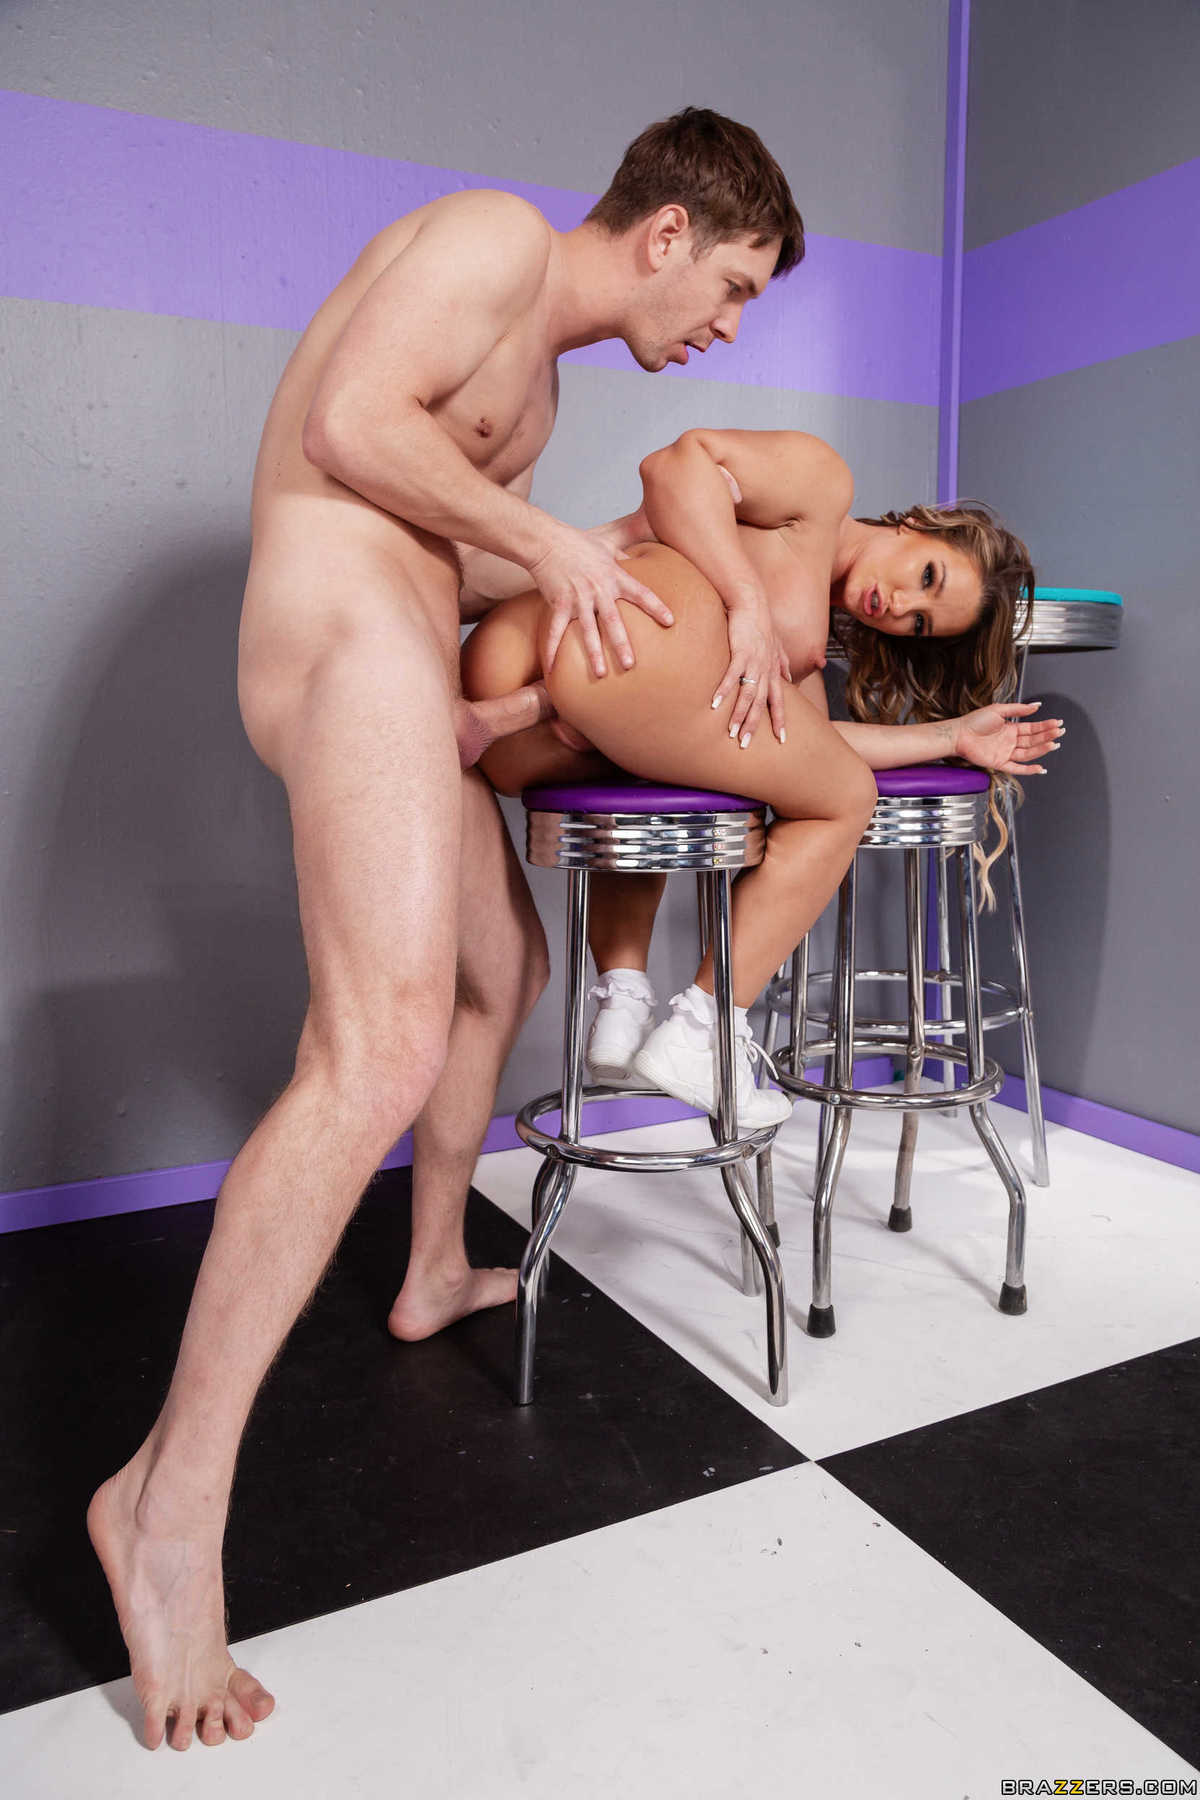 Ariadna Grande Desnuda Porno Culazo https://xnostars/fotos/esperado-primer-anal-gianna-dior